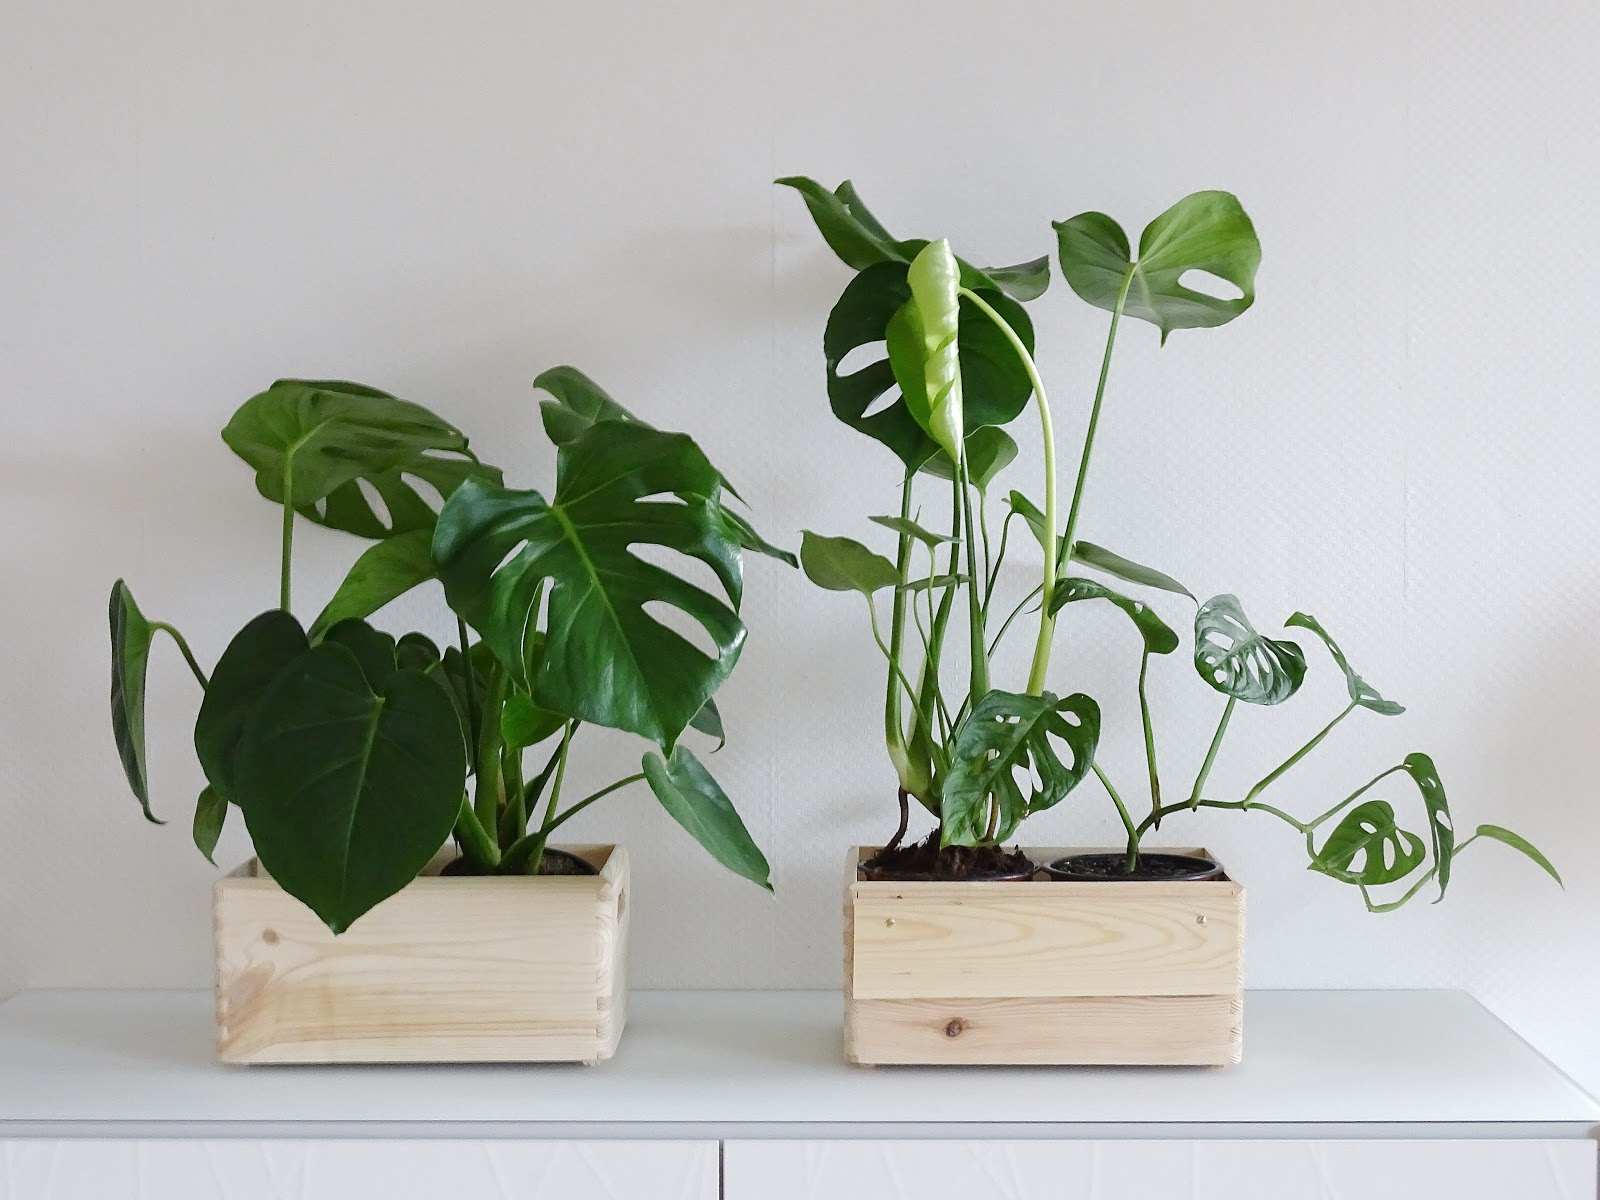 DIY-Blumenkasten zum Aufhängen an Treppengeländern und Galerien plus Pflegetipps und Informationen zur Monstera-Pflanze | mammilade.com